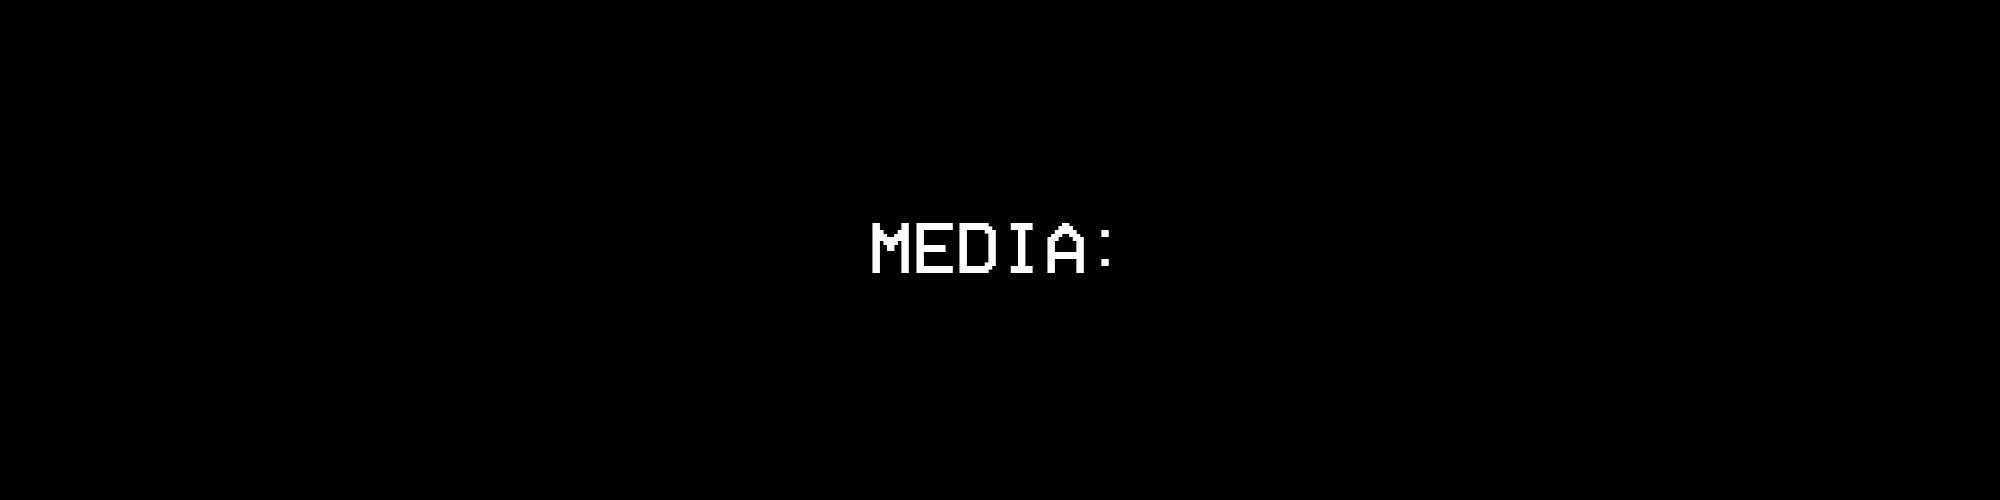 MEDIAA.jpg